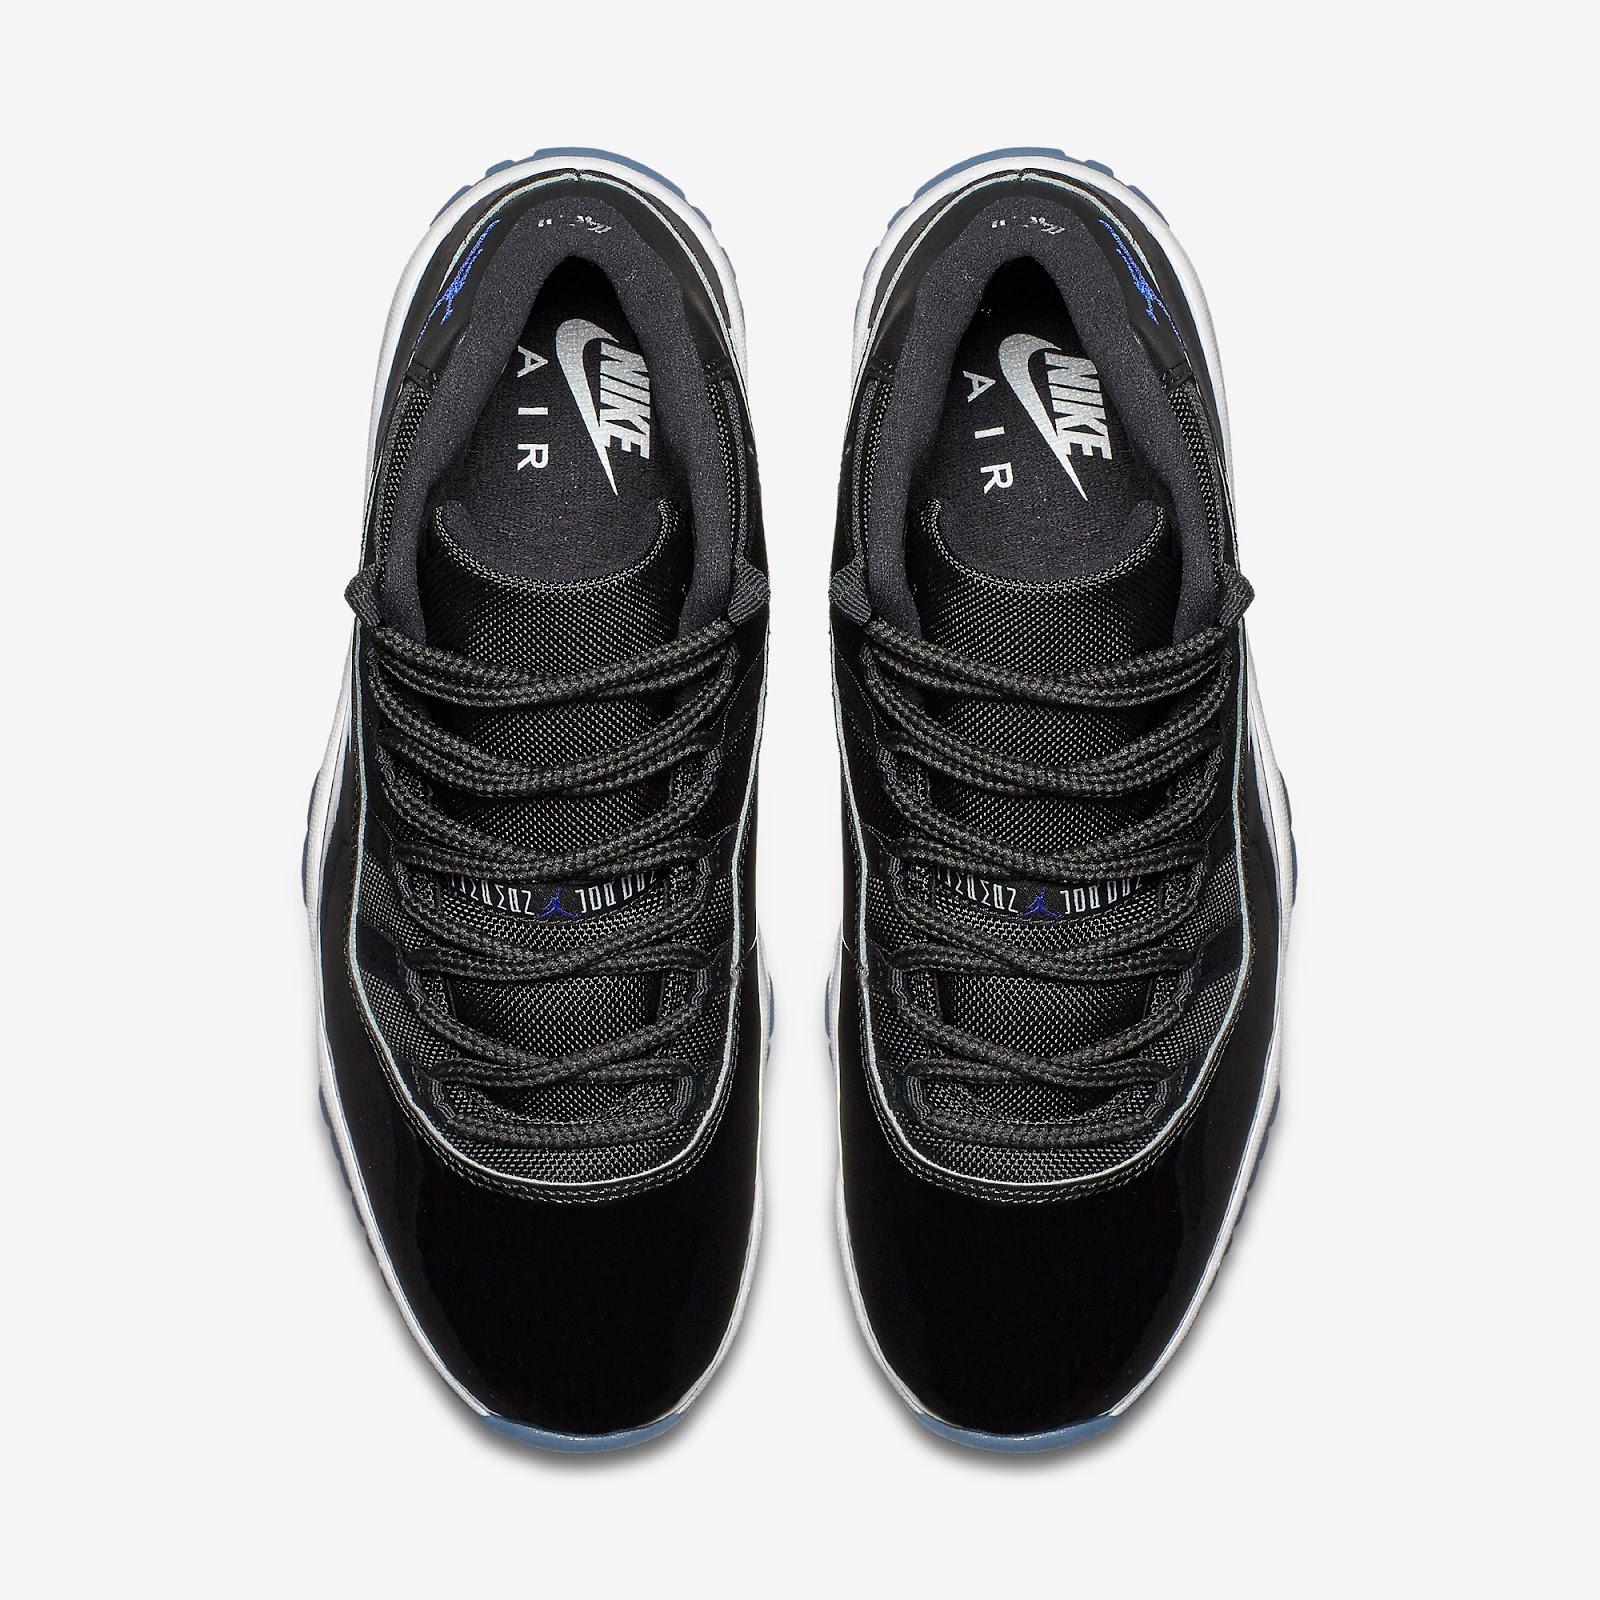 2756e7186be ajordanxi Your #1 Source For Sneaker Release Dates: Air Jordan 11 ...